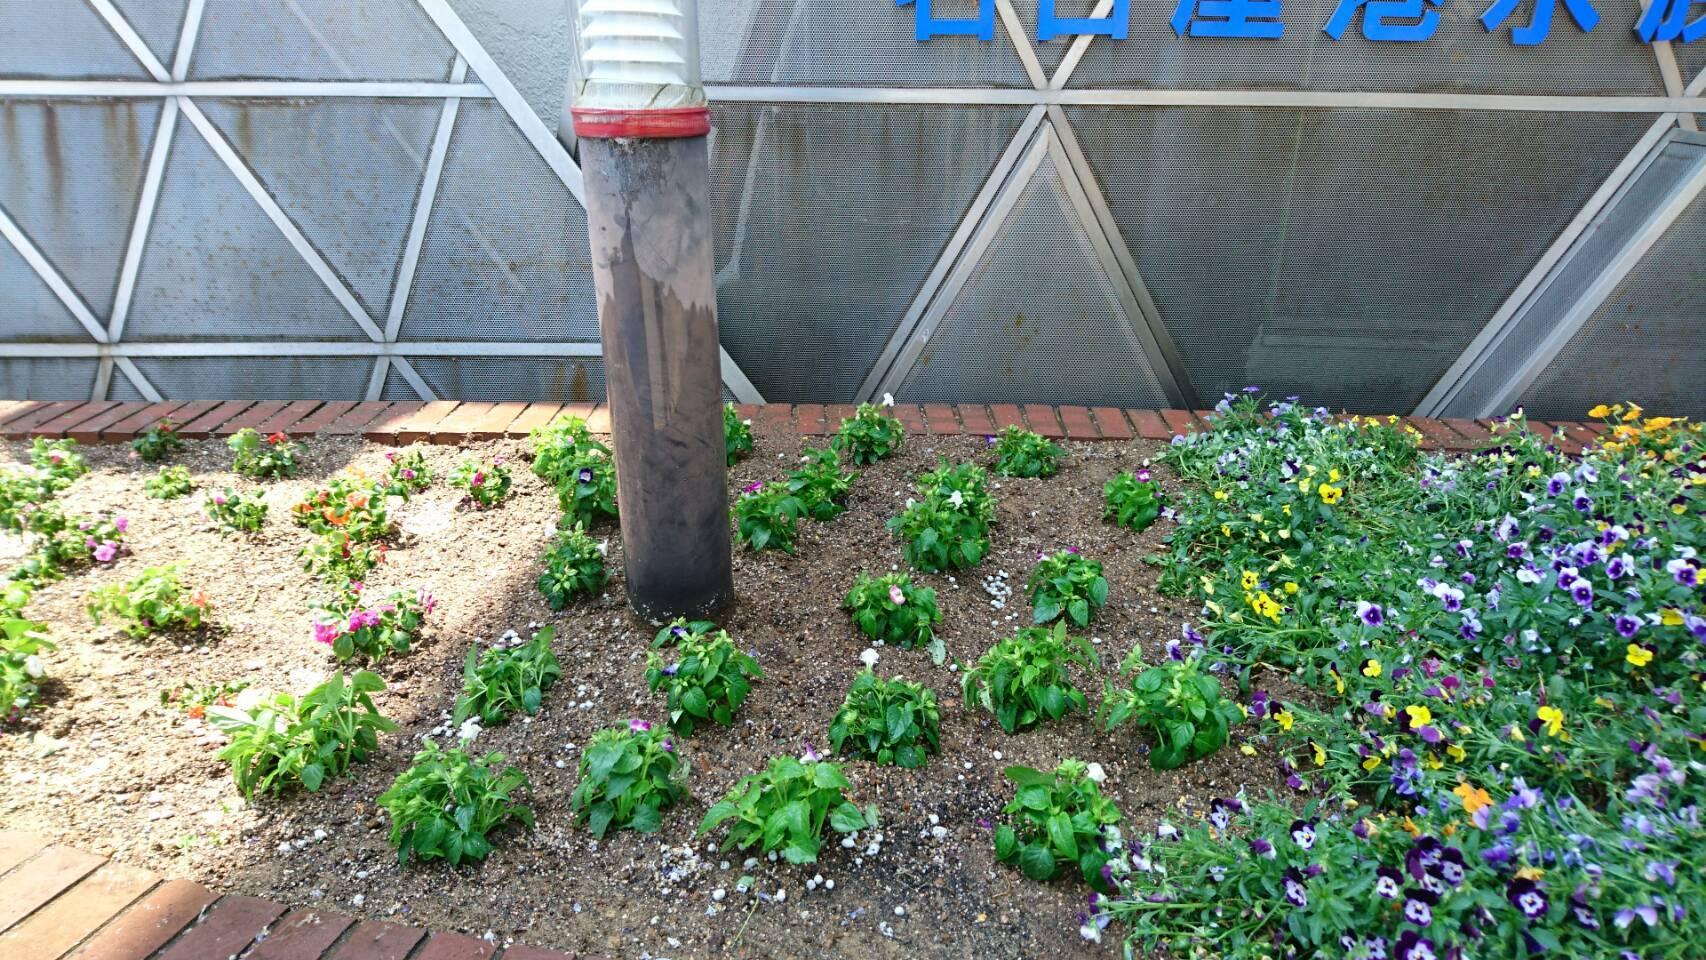 ガーデンふ頭総合案内所前花壇の植替えH29.5.22_d0338682_10204754.jpg